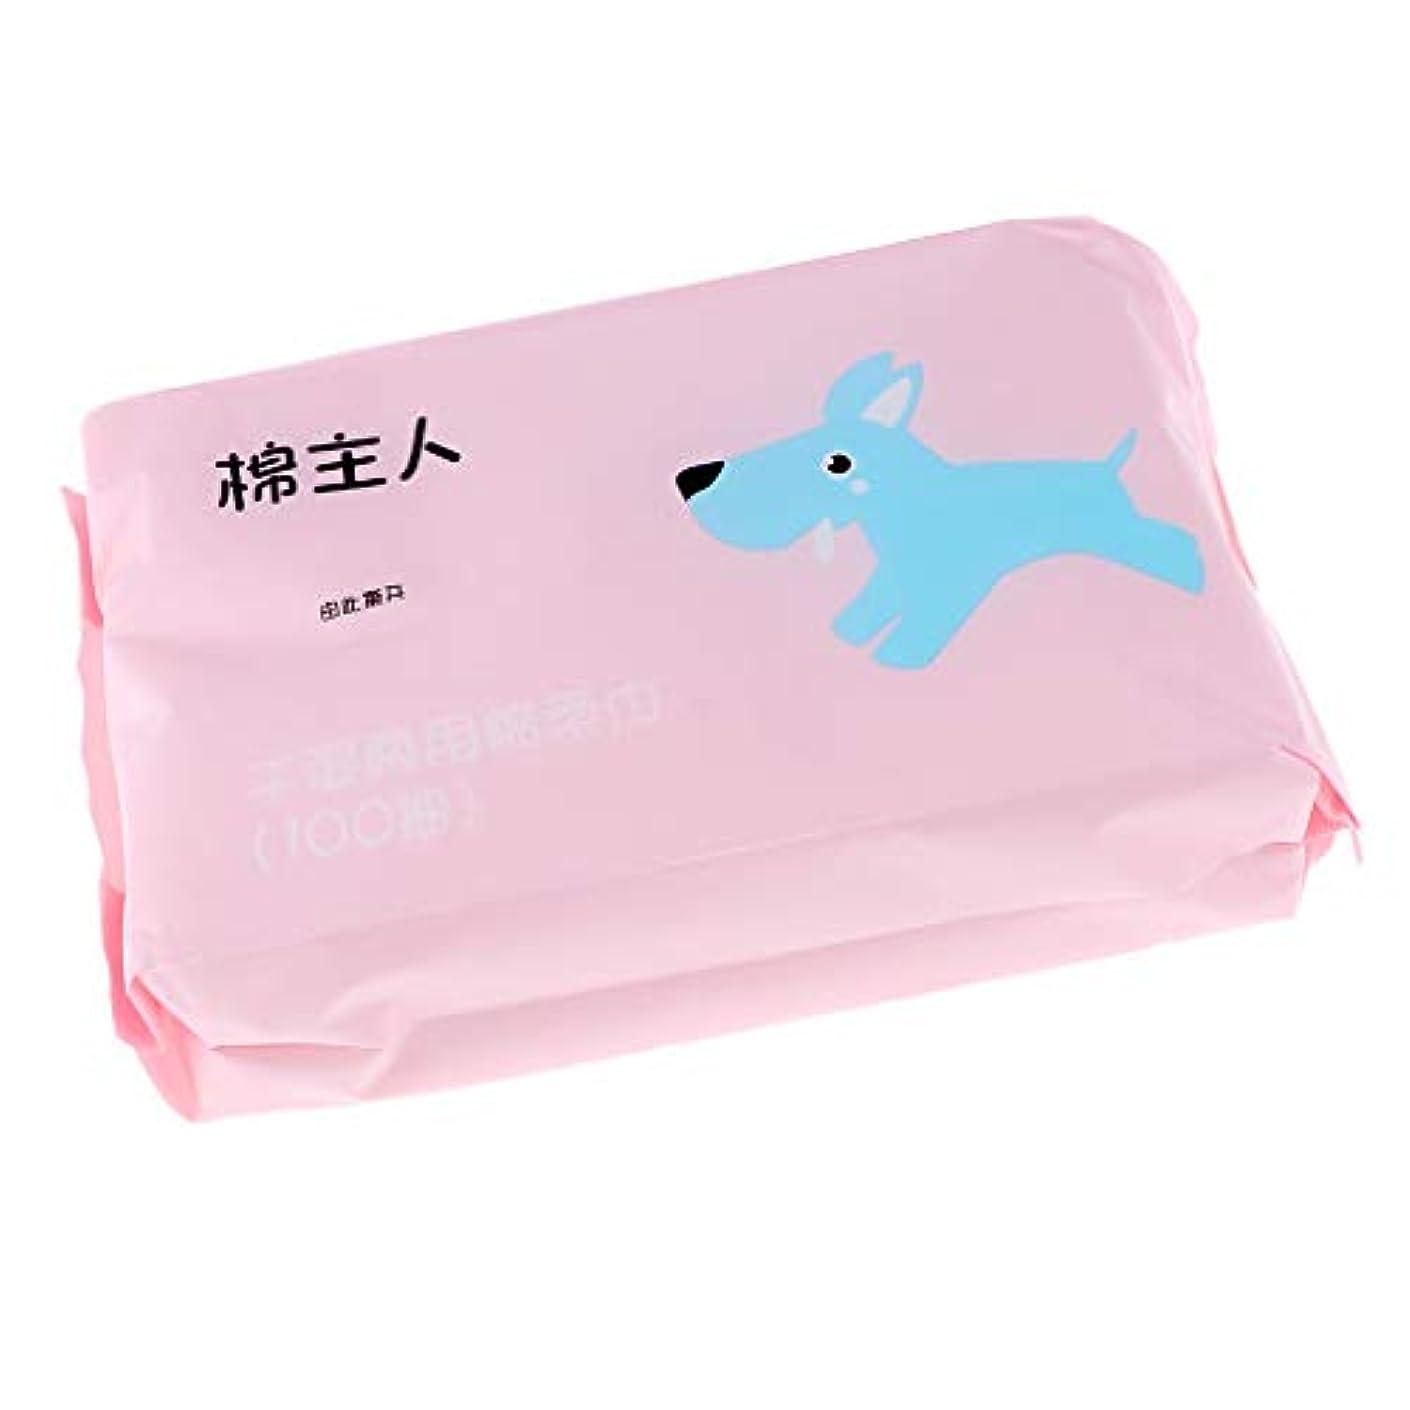 卑しい投獄優先T TOOYFUL 約100枚 使い捨 クレンジングシート クリーニング フェイス タオル ソフト 敏感肌適用 全2色 - ピンク